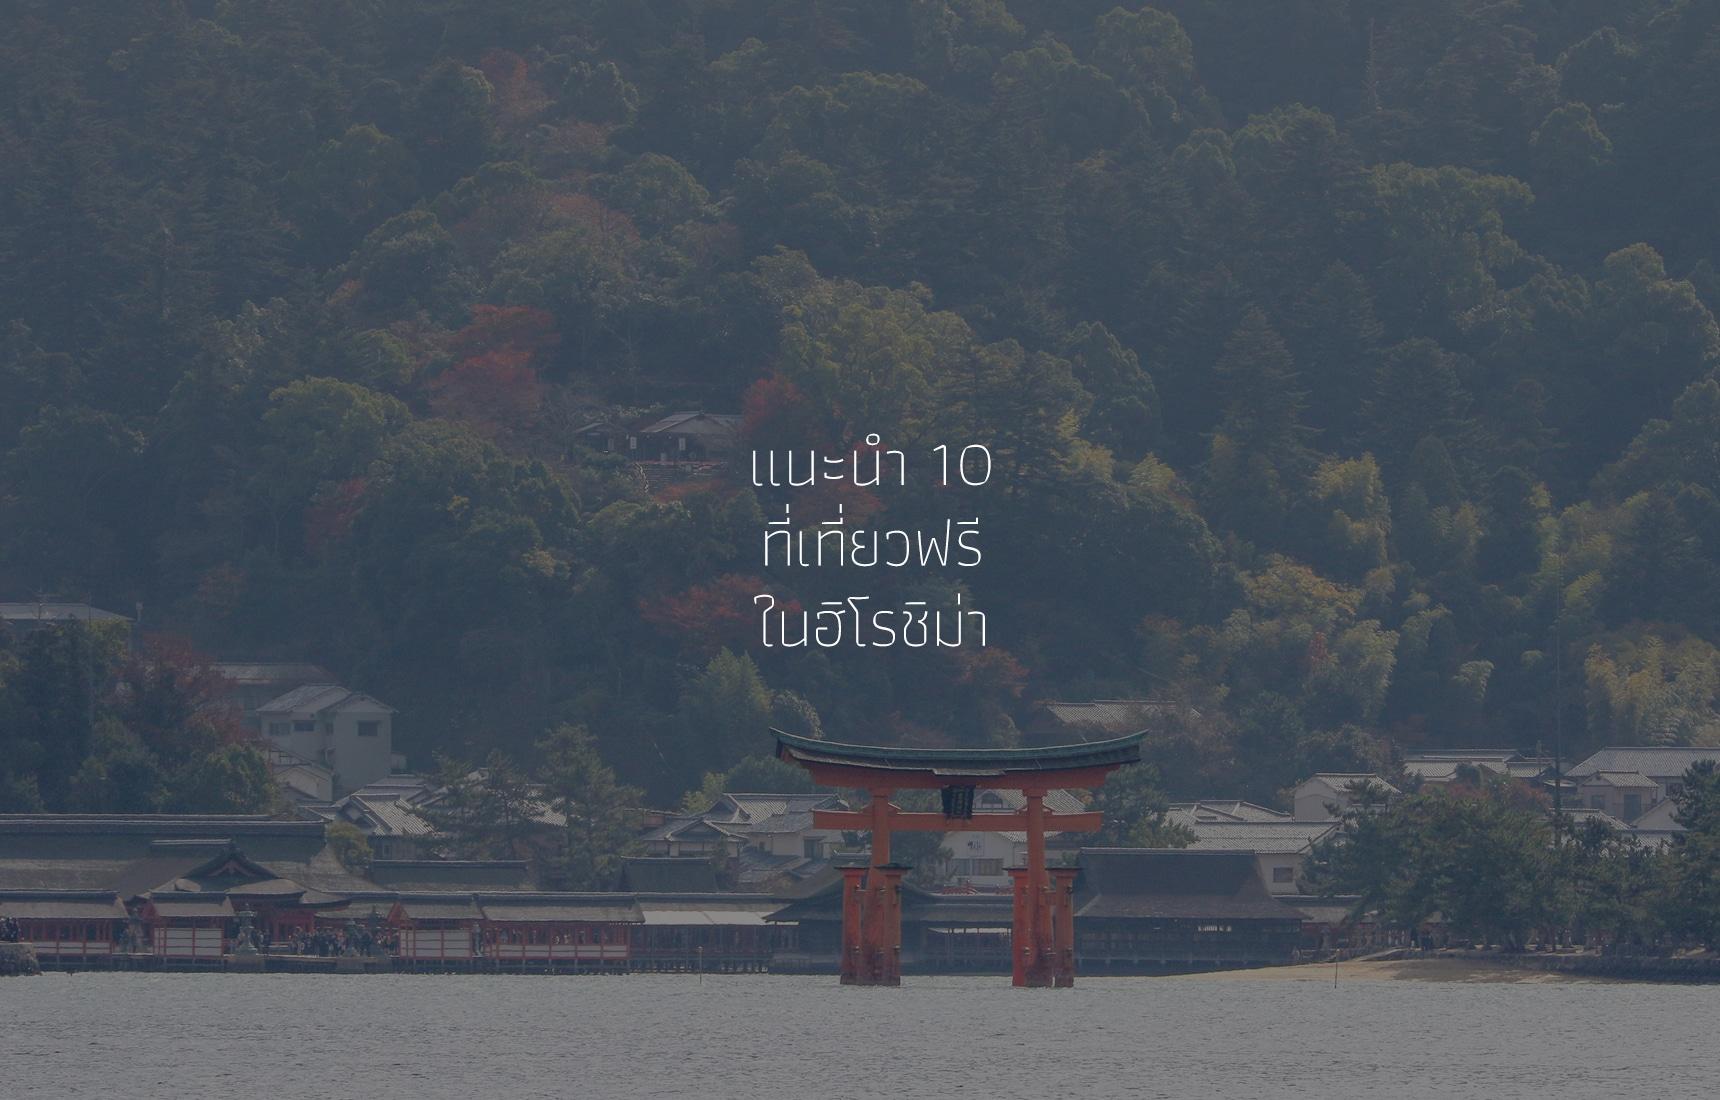 แนะนำ 10 ที่เที่ยวฟรีในฮิโรชิม่า (Hiroshima)